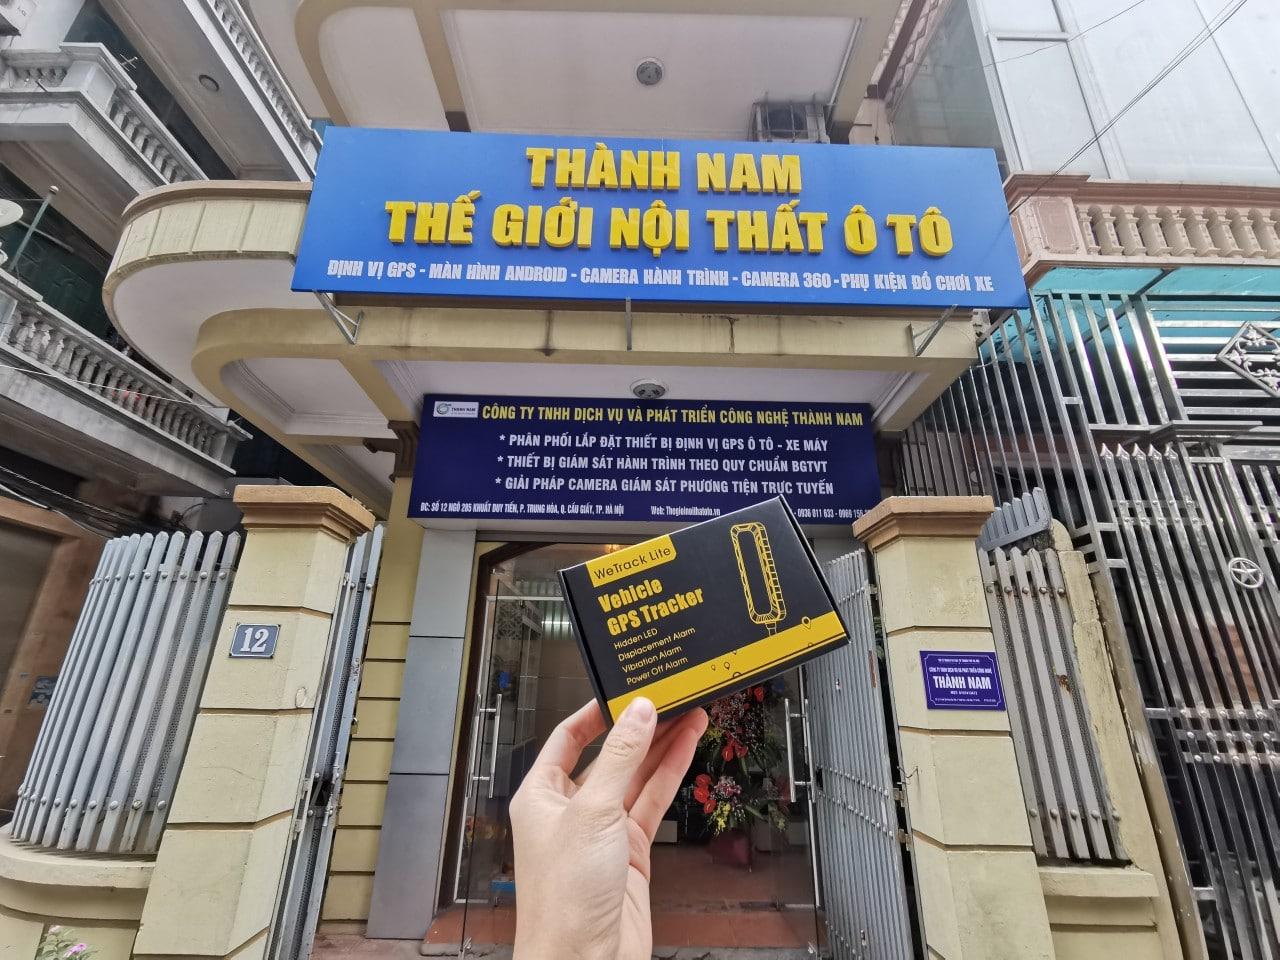 THÀNH NAM GPS - địa chỉ bán định vị ô tô uy tín tại Việt Nam